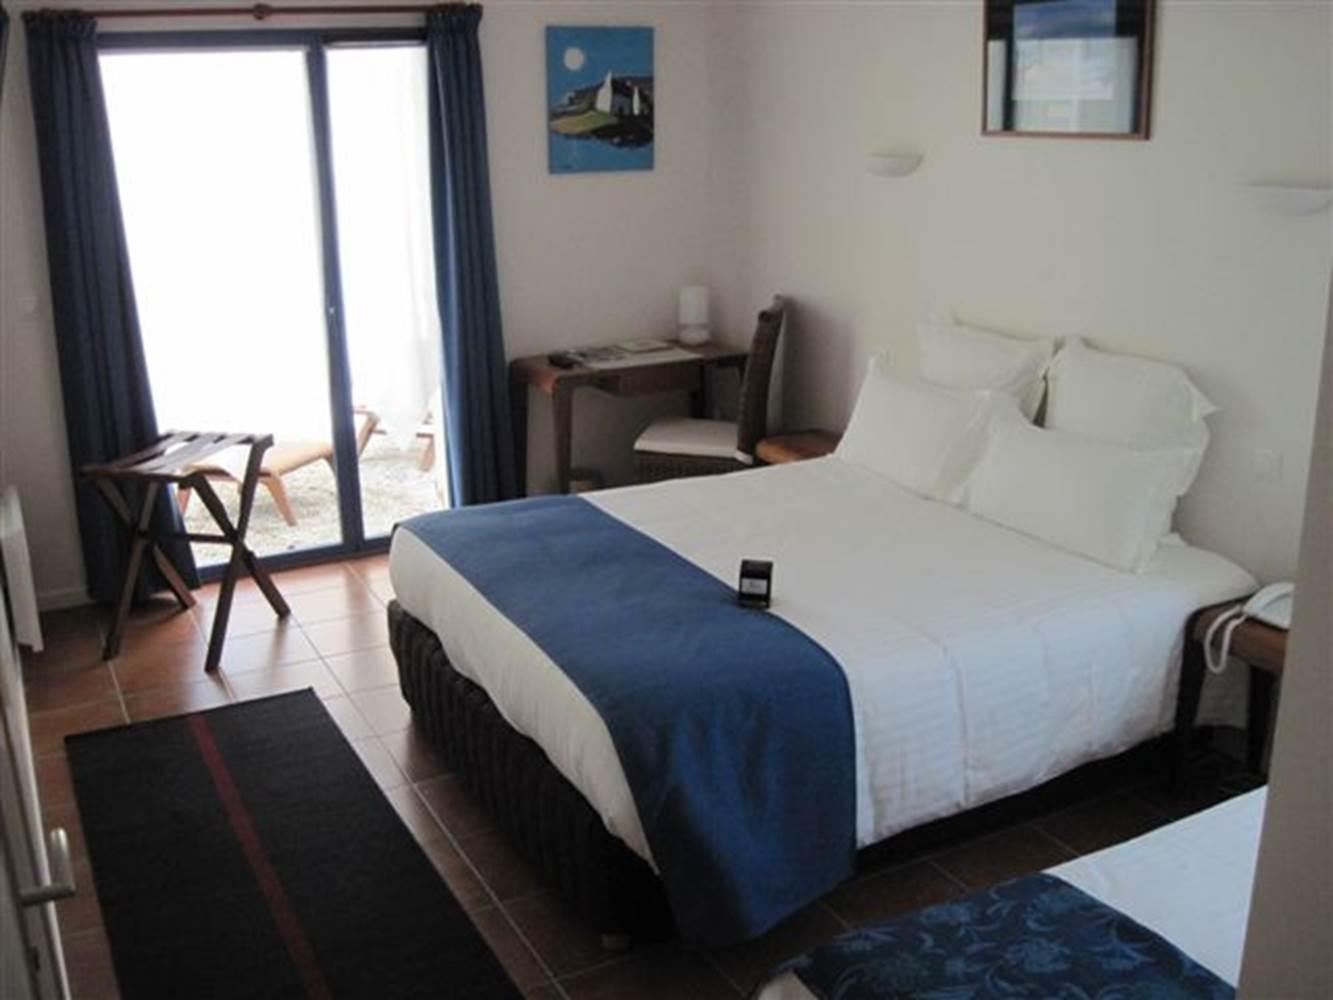 Chambre-Lit-Double-Hôtel-Chevalier-Gambette-Saint-Armel-Presqu'île-de-Rhuys-Golfe-du-Morbihan-Bretagne sud © OT Golfe du Morbihan Vannes Tourisme